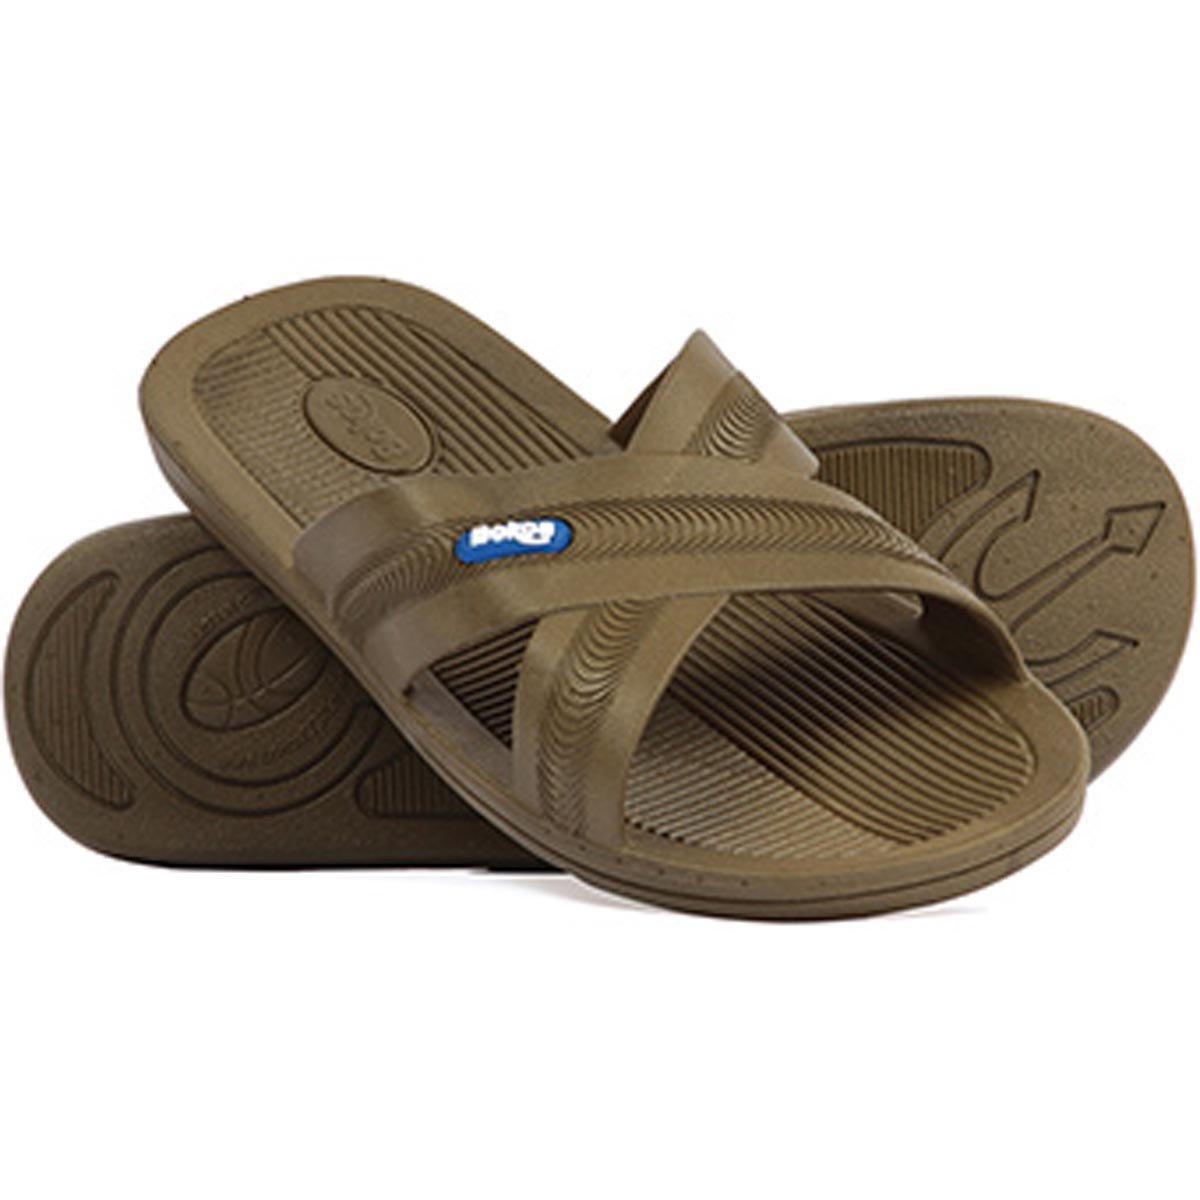 c82826c36ff9 Amazon.com  Bokos Men s One-Piece Rubber Athletic Slide Sandals  Shoes